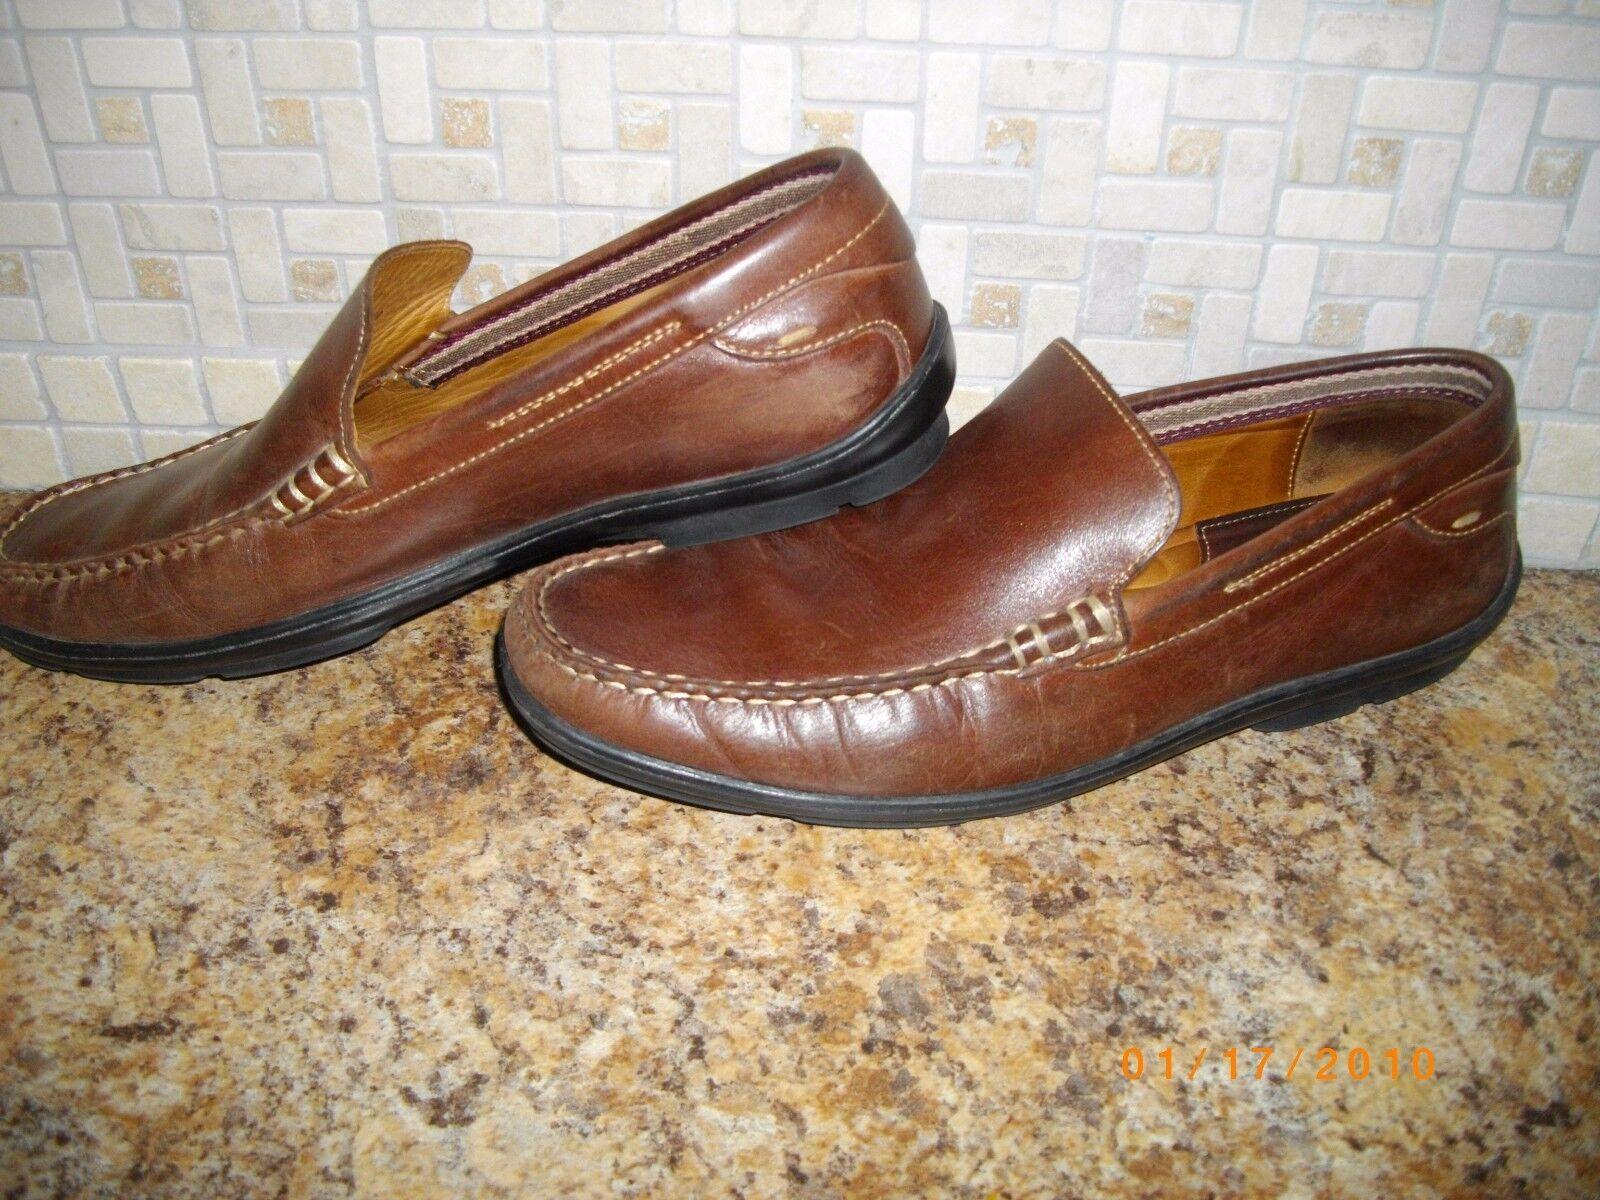 Zapatos de cuero JOHNSTON AND MURPHY Mocasines para hombre para para hombre mujer 2f1dbe